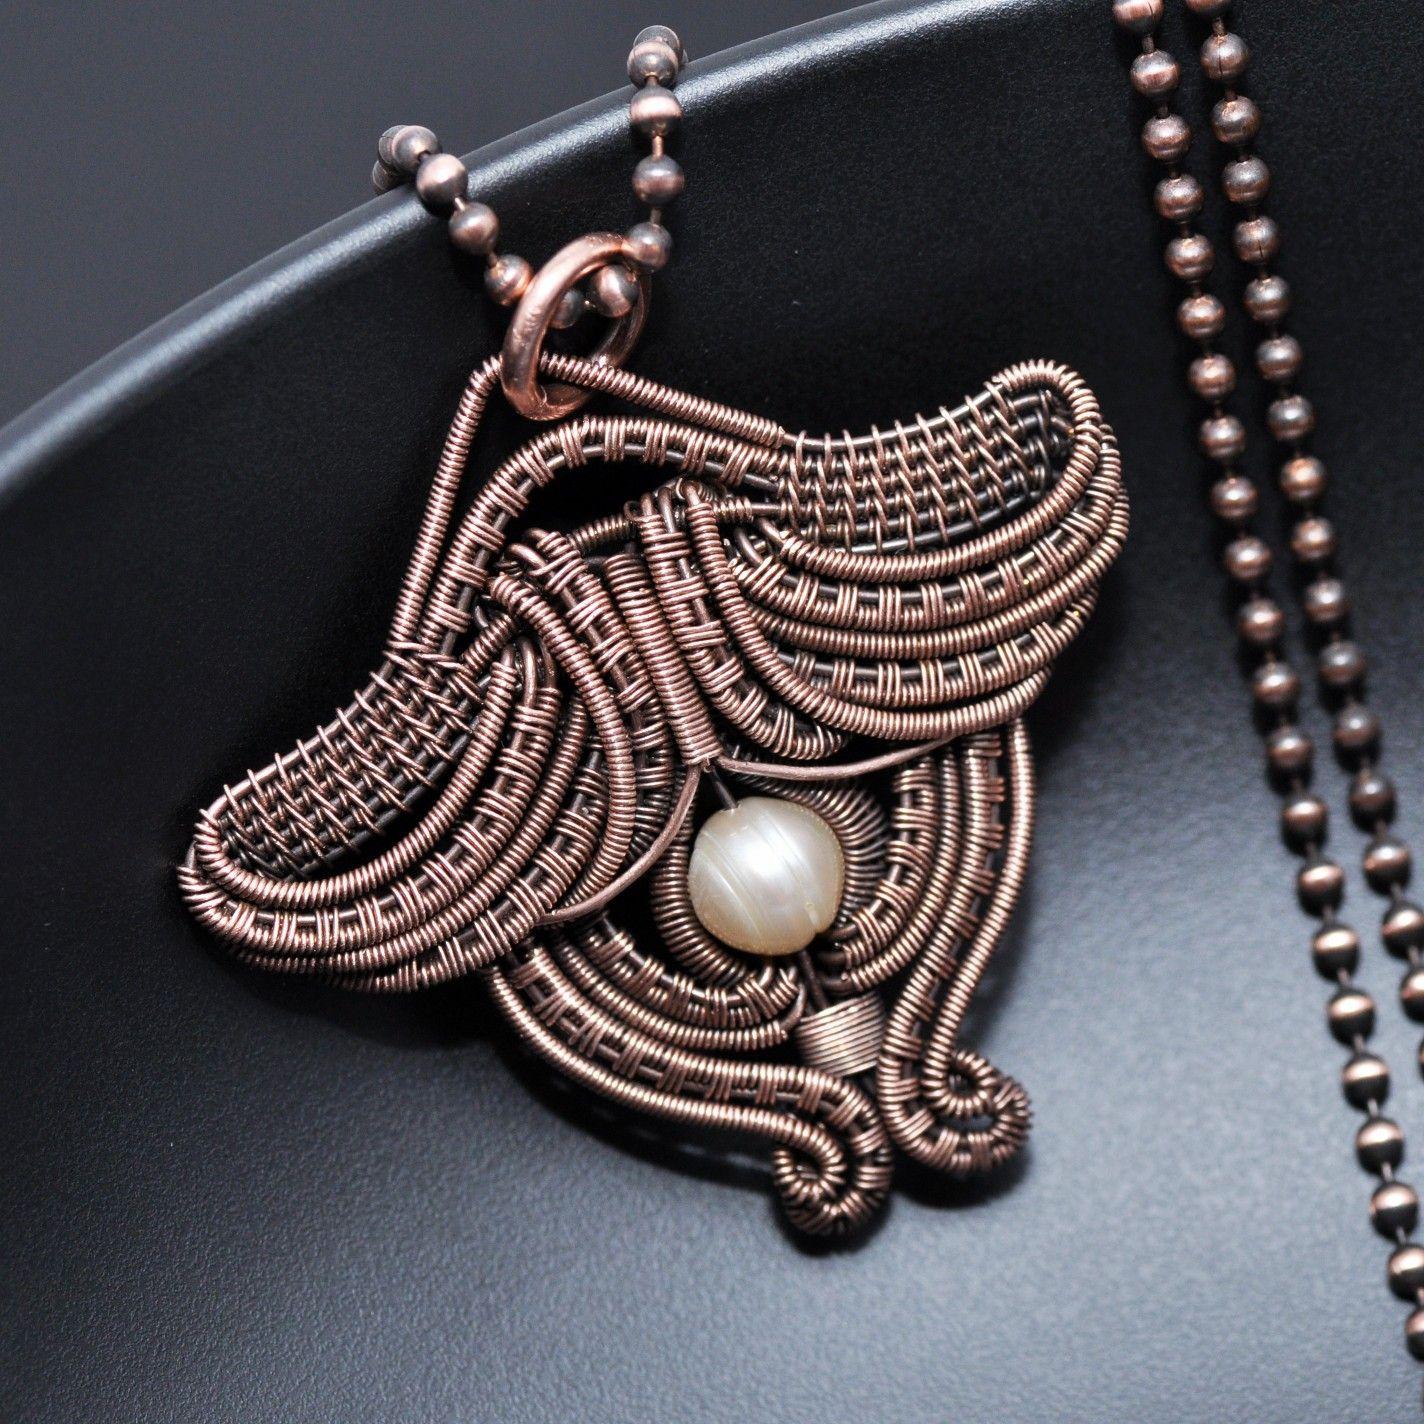 Pin von Zeezee Yuan auf jewelry | Pinterest | Schmuck und Basteln